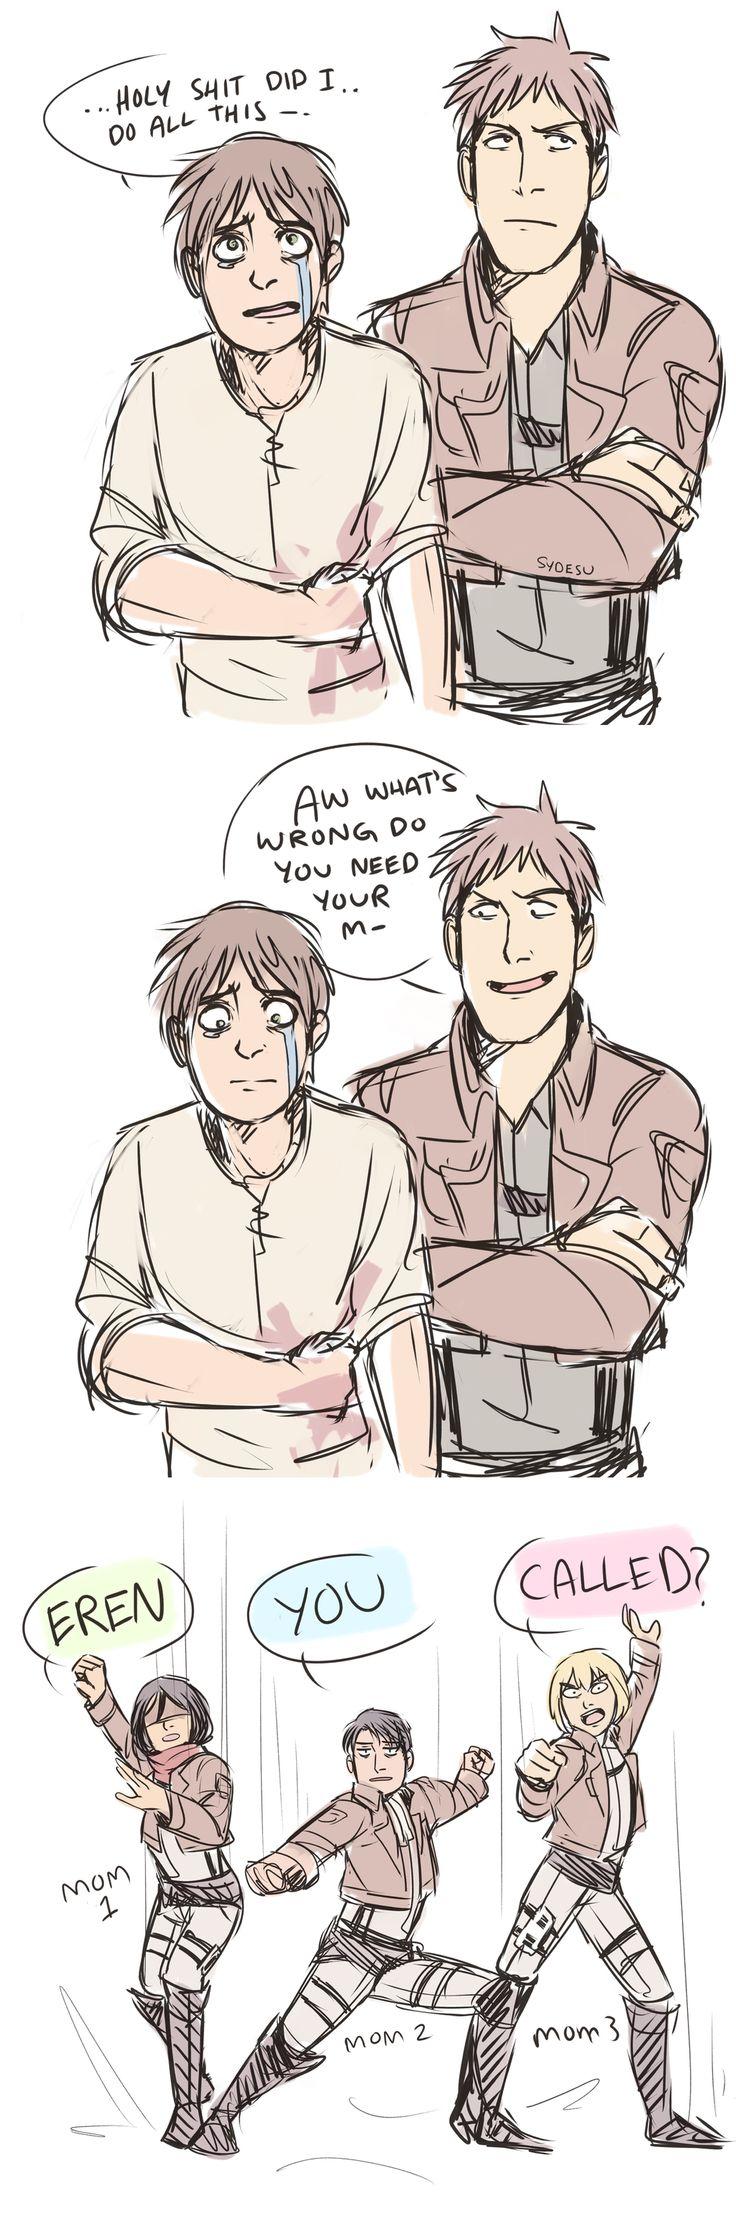 Non, pas besoin de sa mère : Mikasa, Levi et Armin sont là pour l'aider quel que soit le problème ! xD